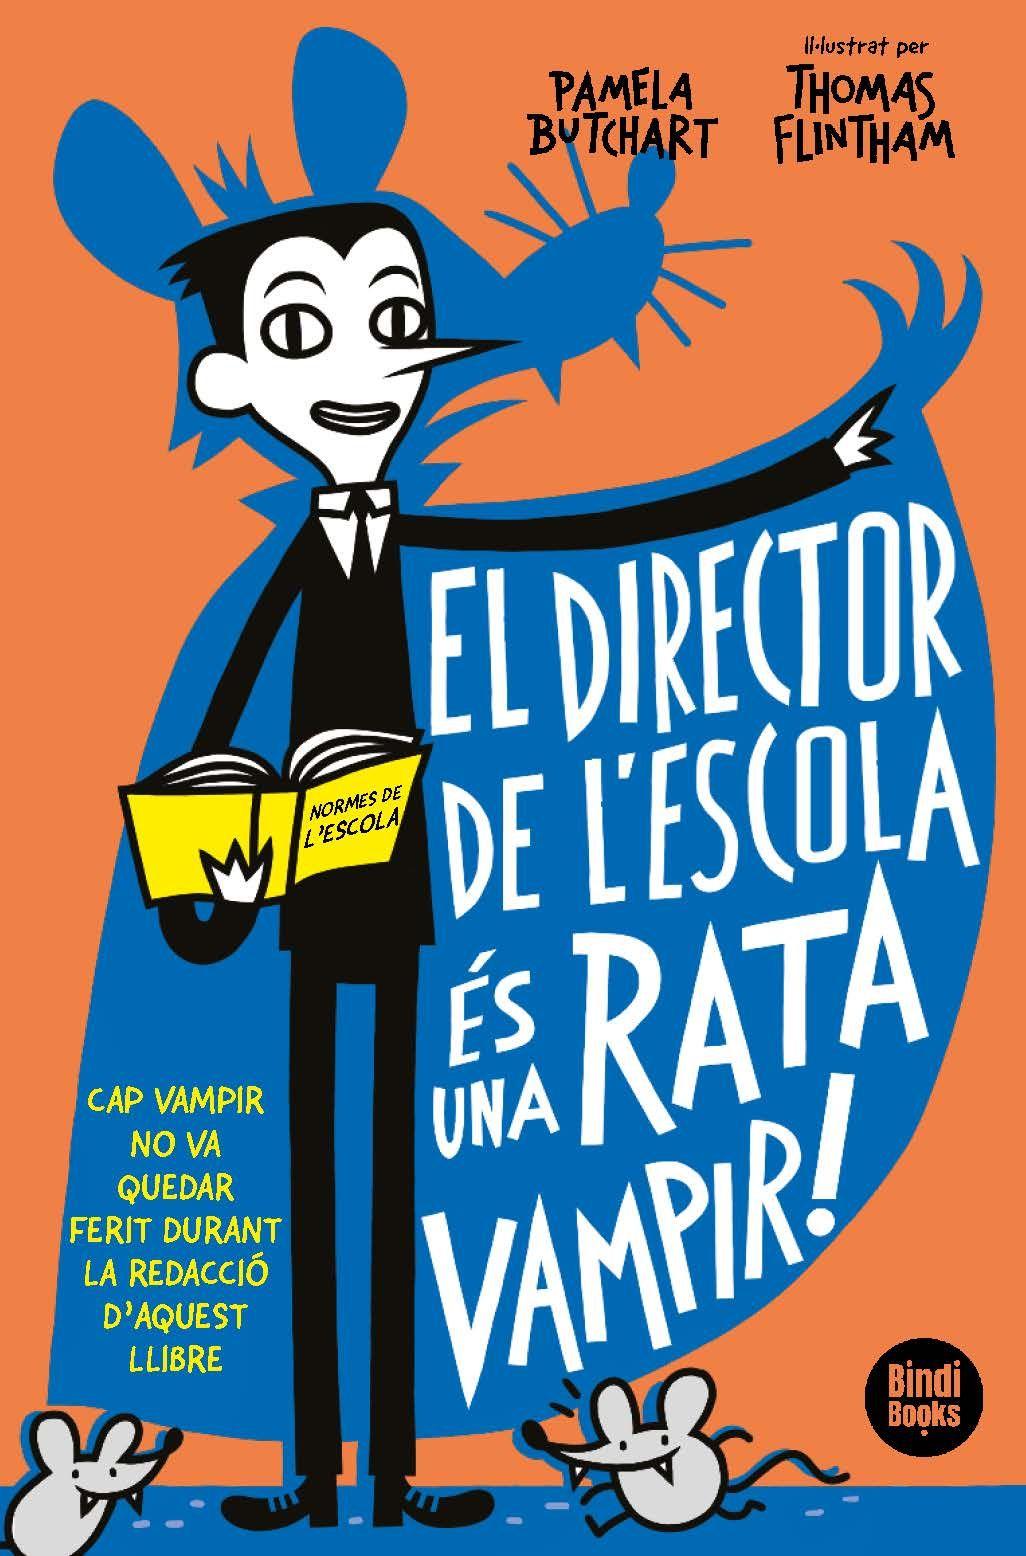 DIRECTOR DE L'ESCOLA ÉS UNA RATA VAMPIR!